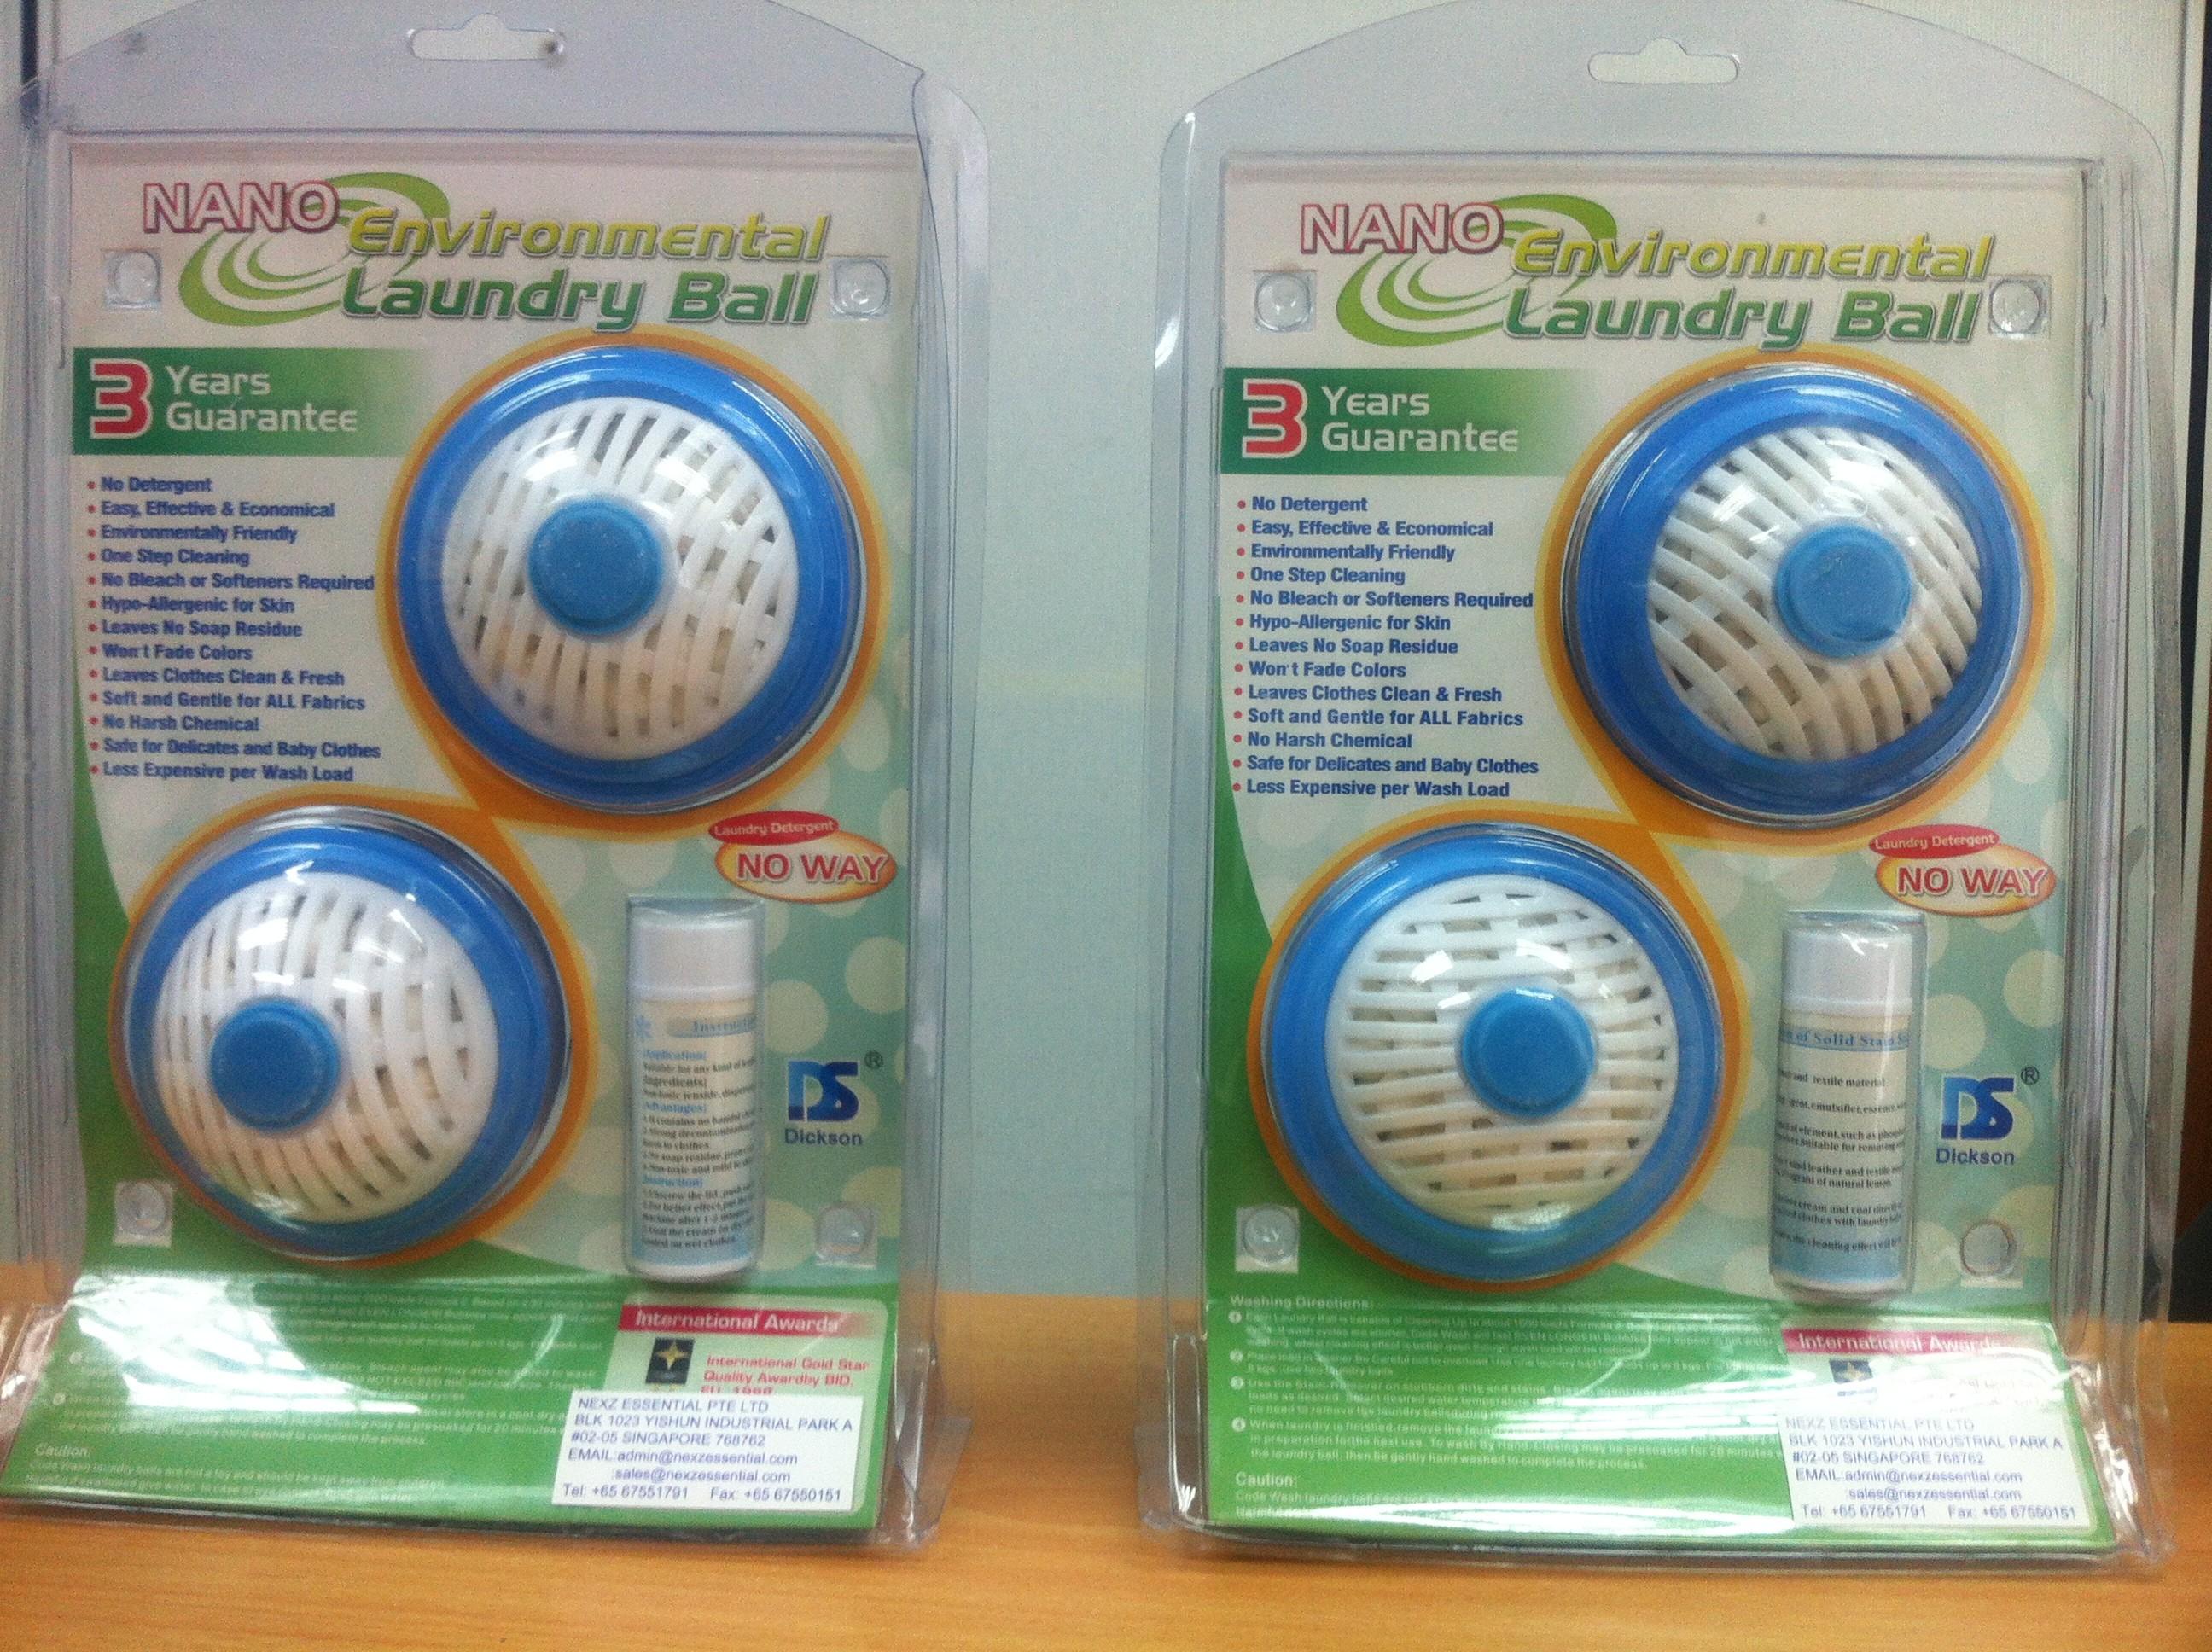 Nano Laundry Ball